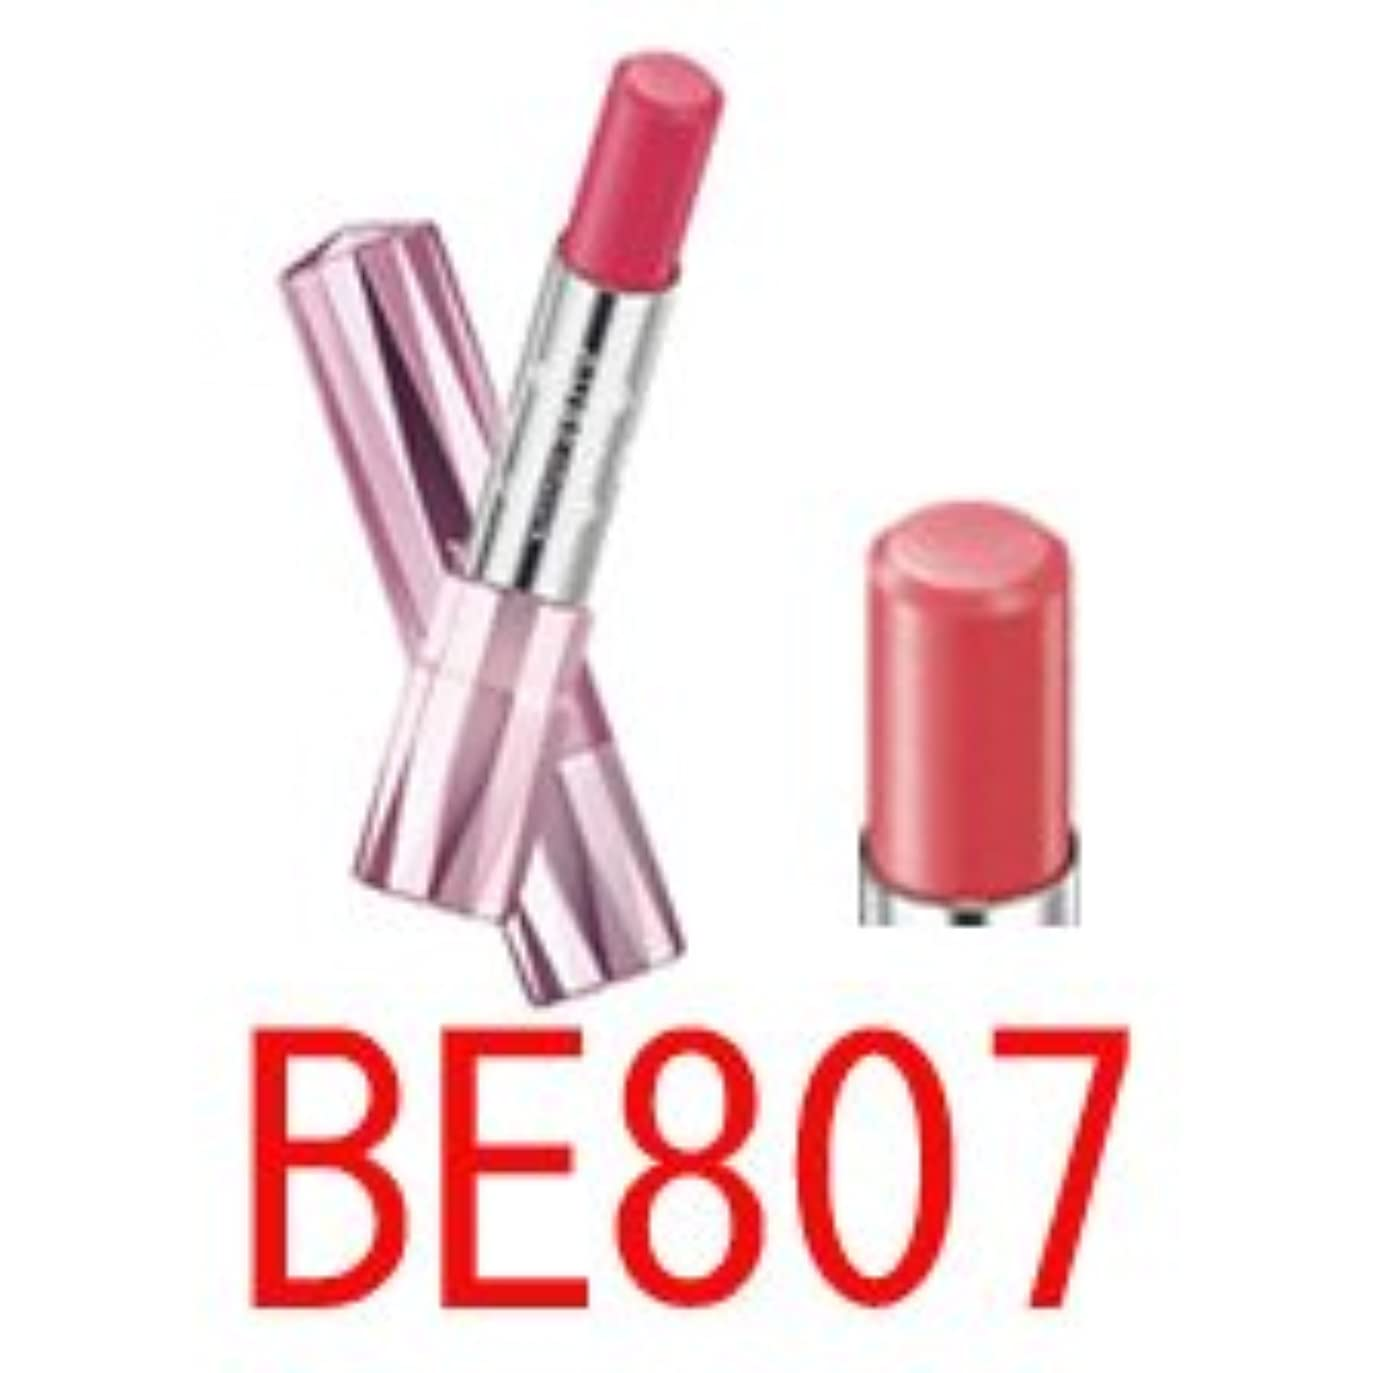 小屋記念資格情報花王 ソフィーナ オーブクチュール エクセレントステイルージュ BE807 限定色